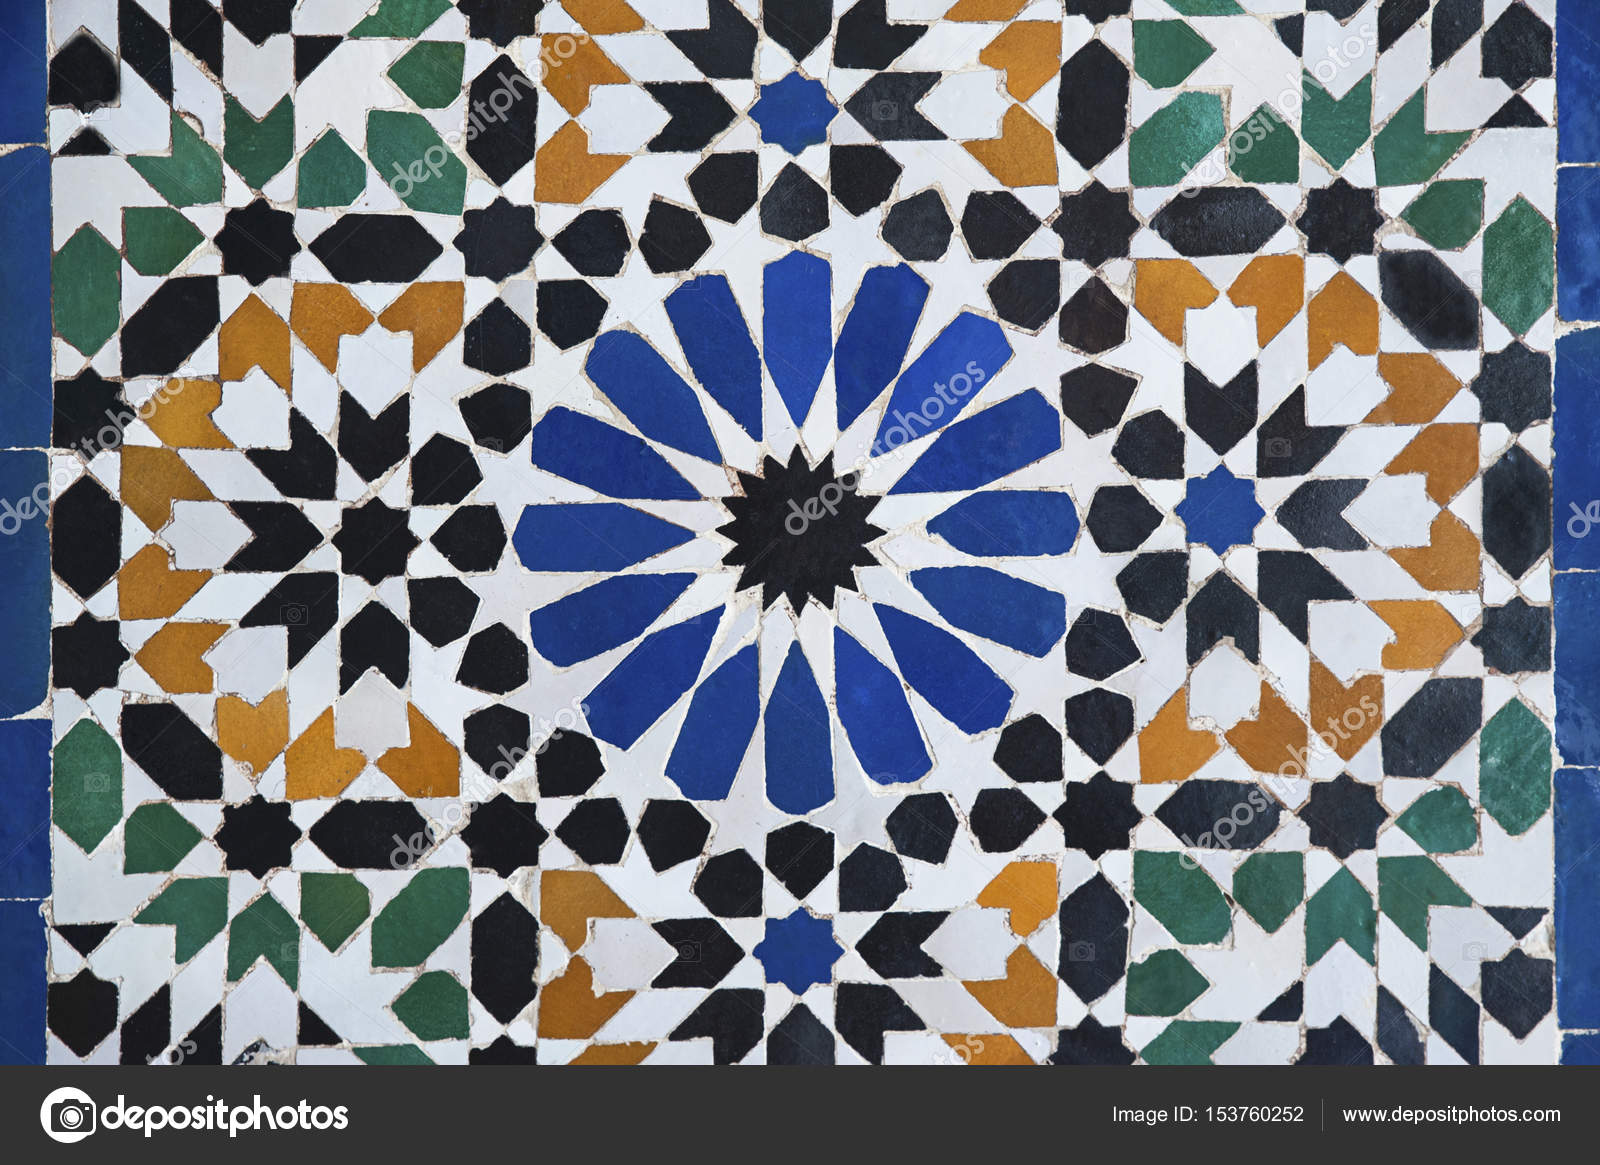 Piastrelle marocchine o zellige di sfondo astratto intricati disegni